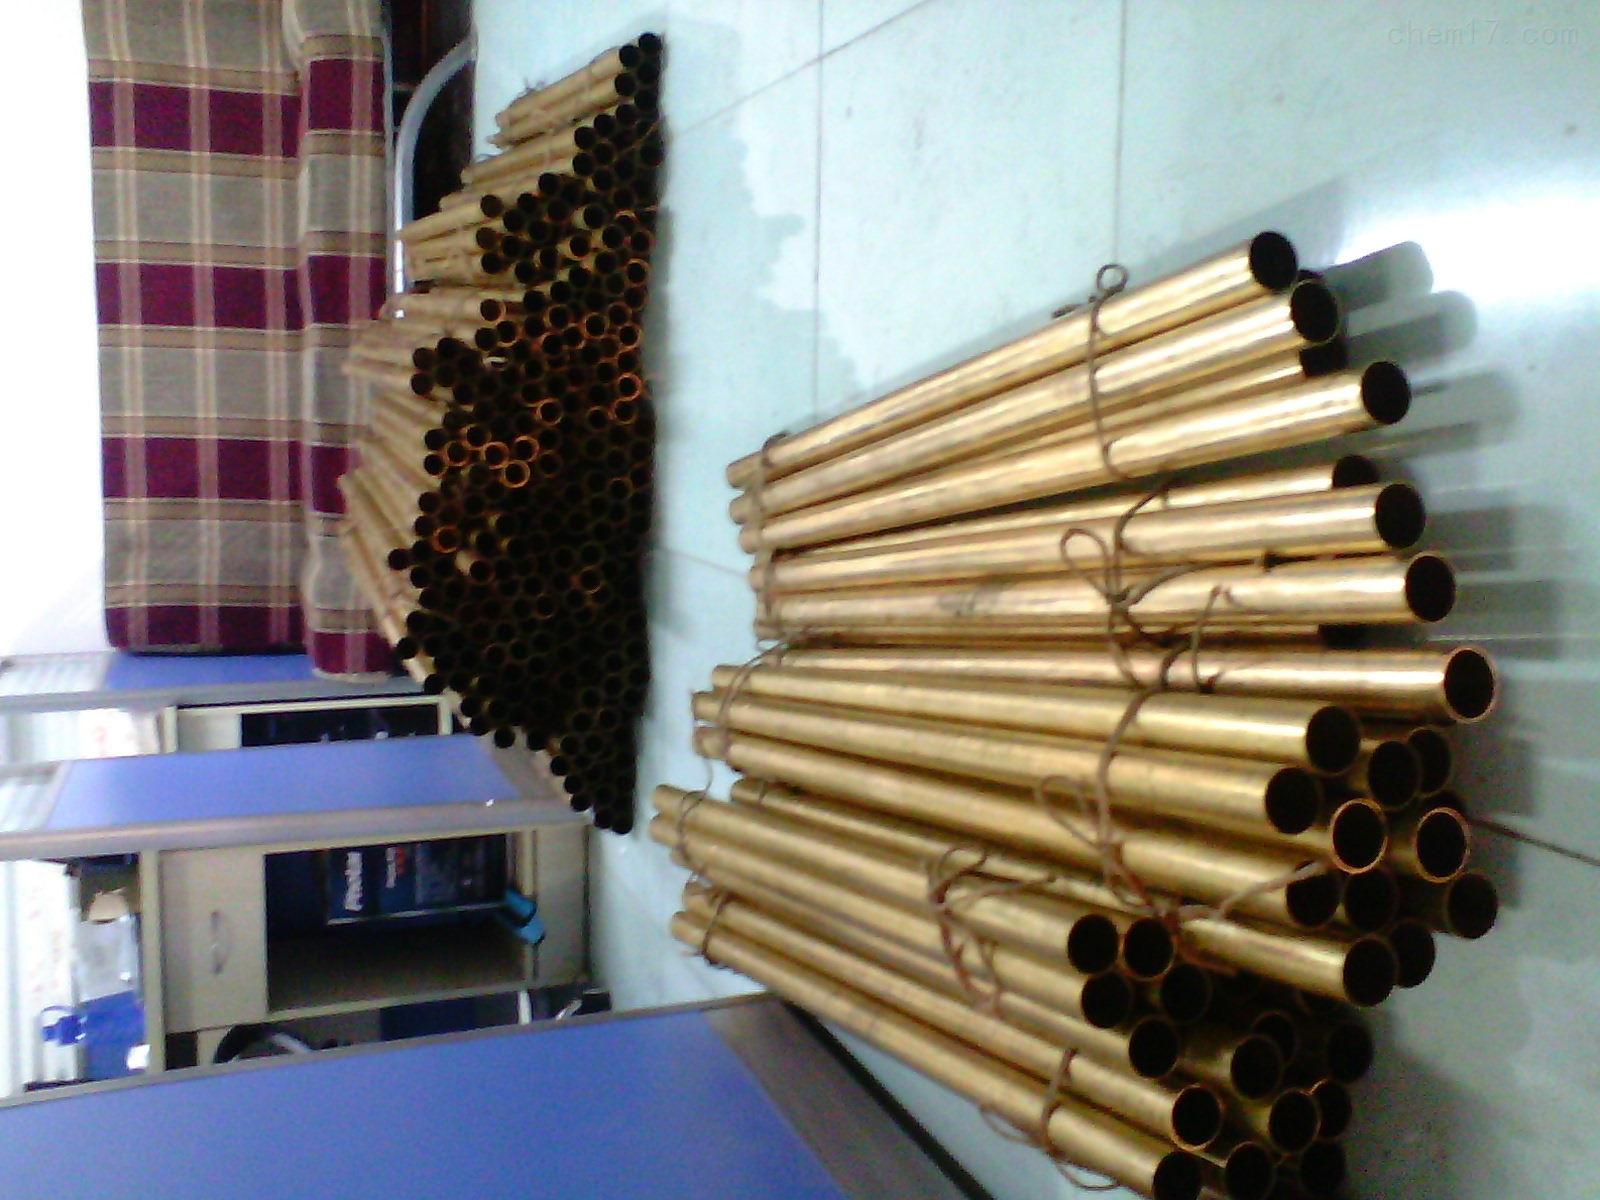 哈尔滨70-1冷凝器黄铜管,船舶用Hsn70-1A锡黄铜管价格